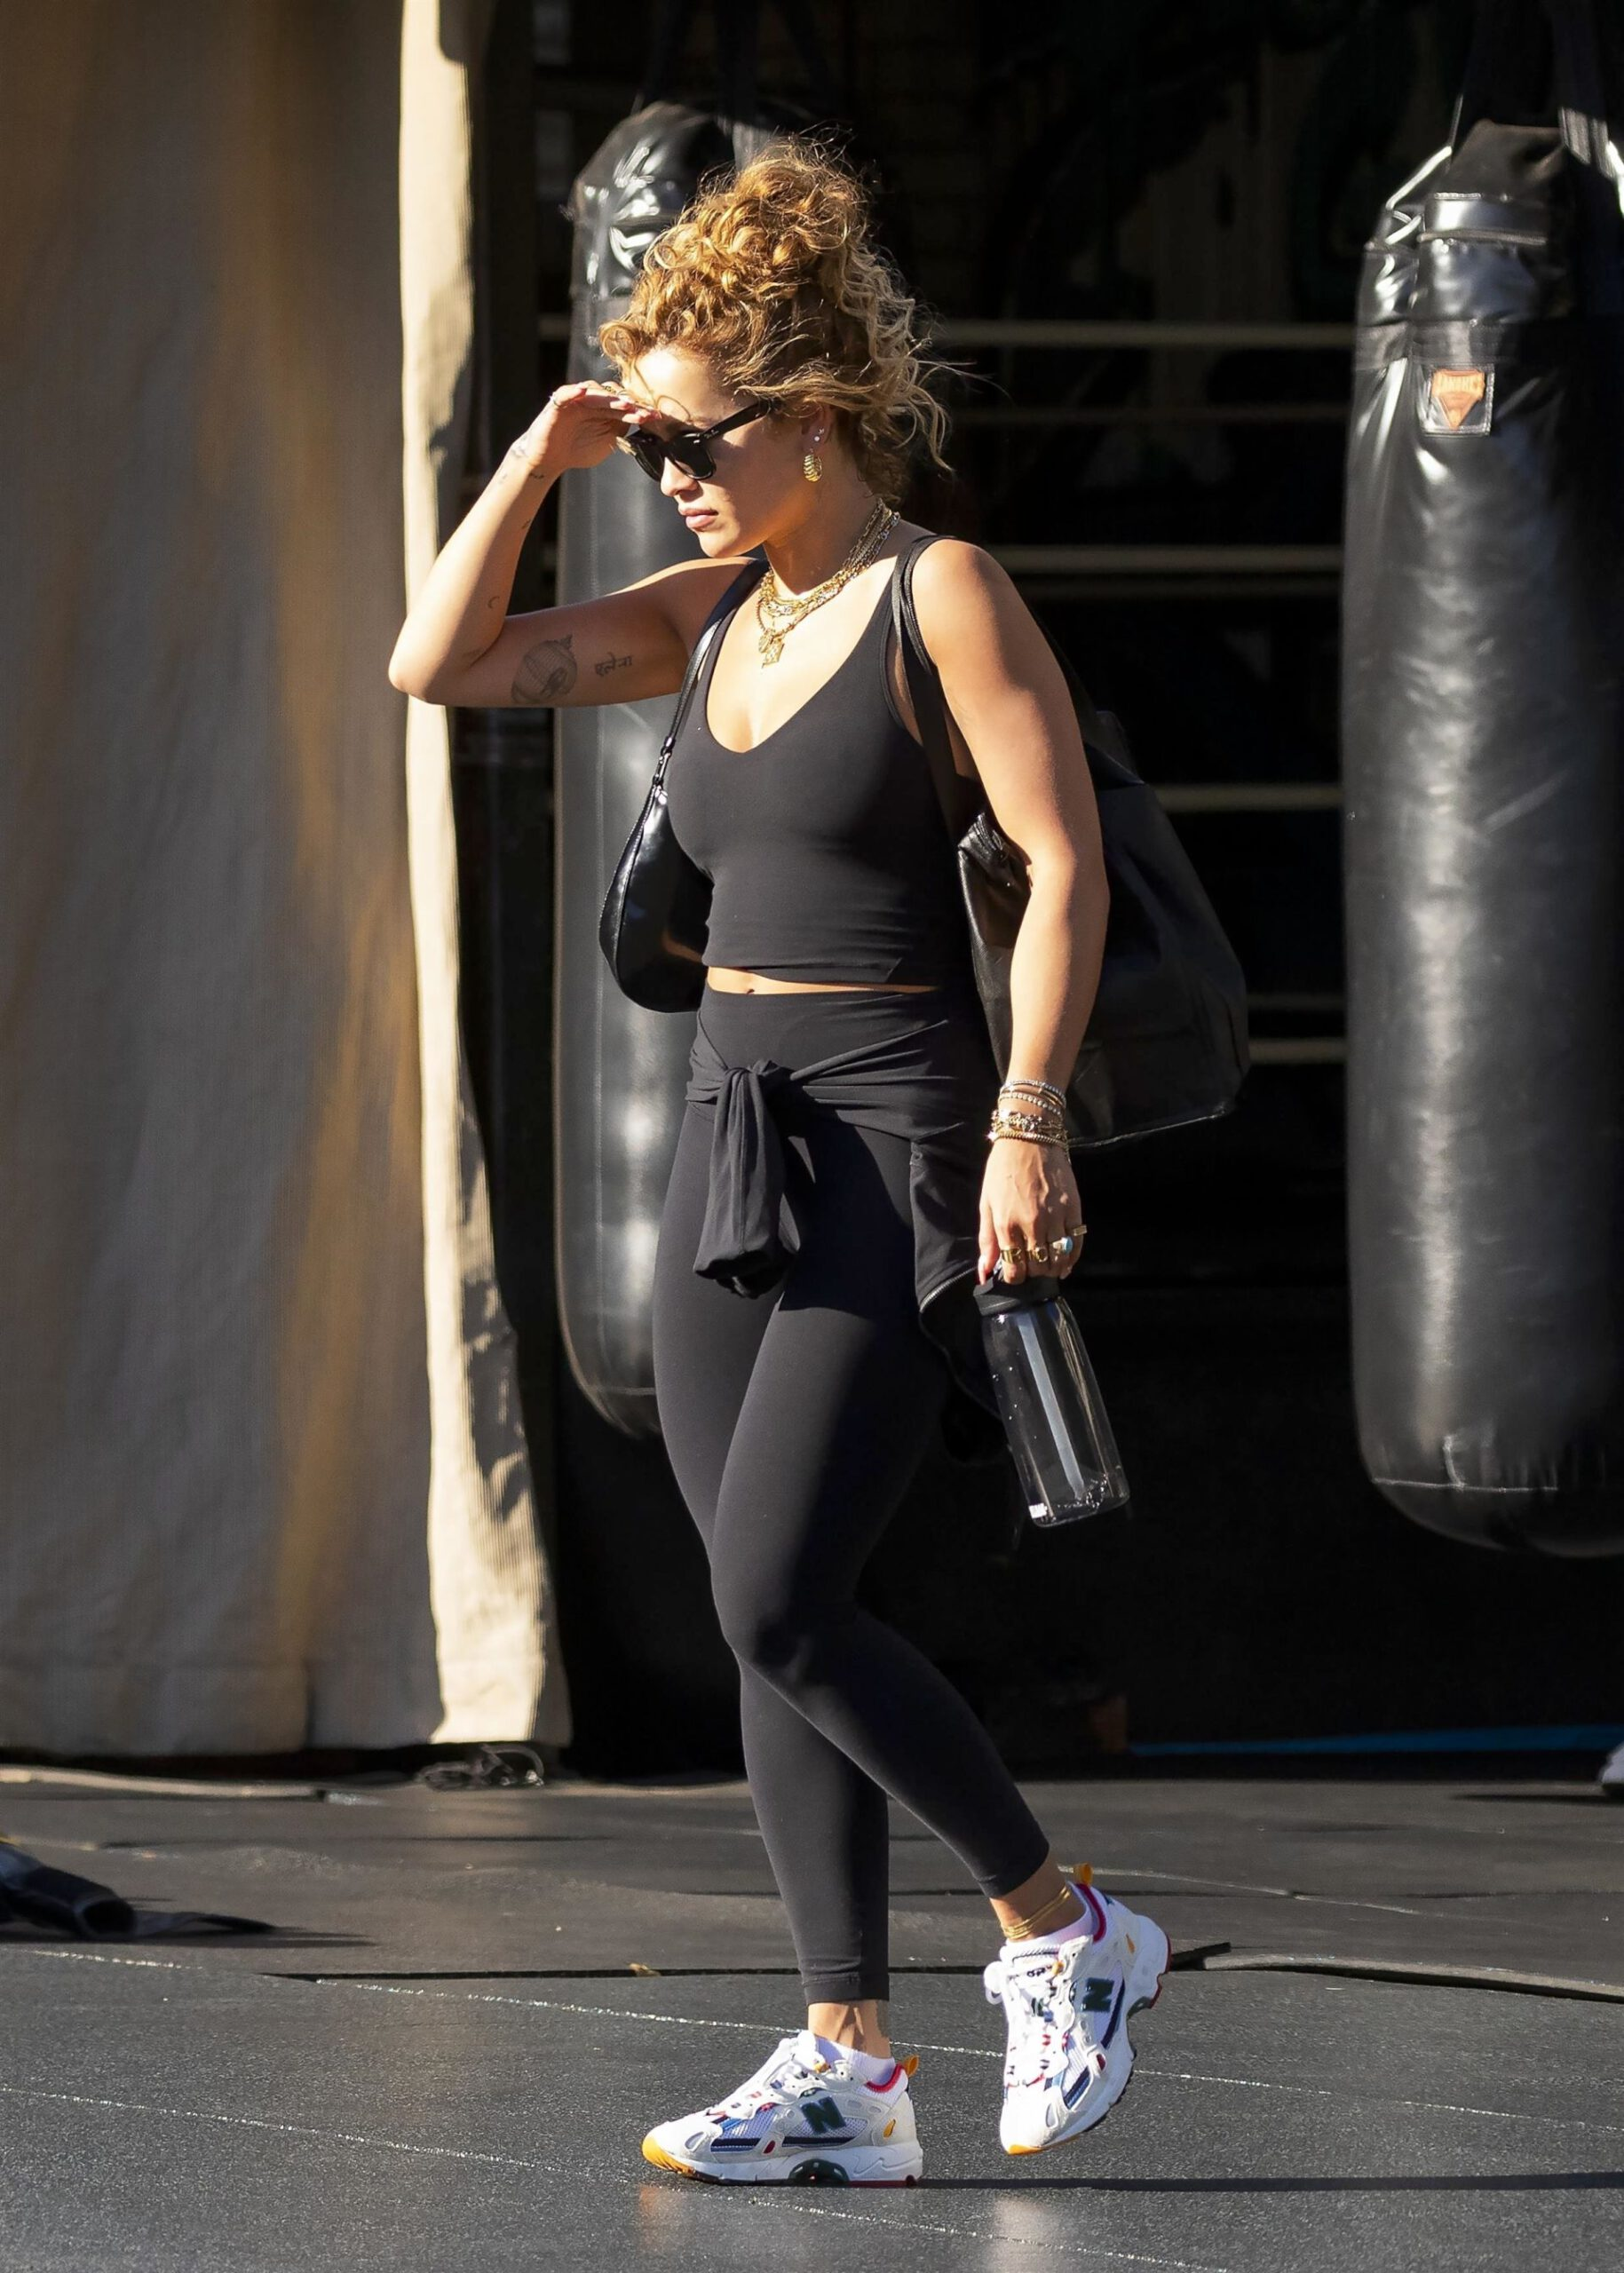 Rita Ora In Sports Bra